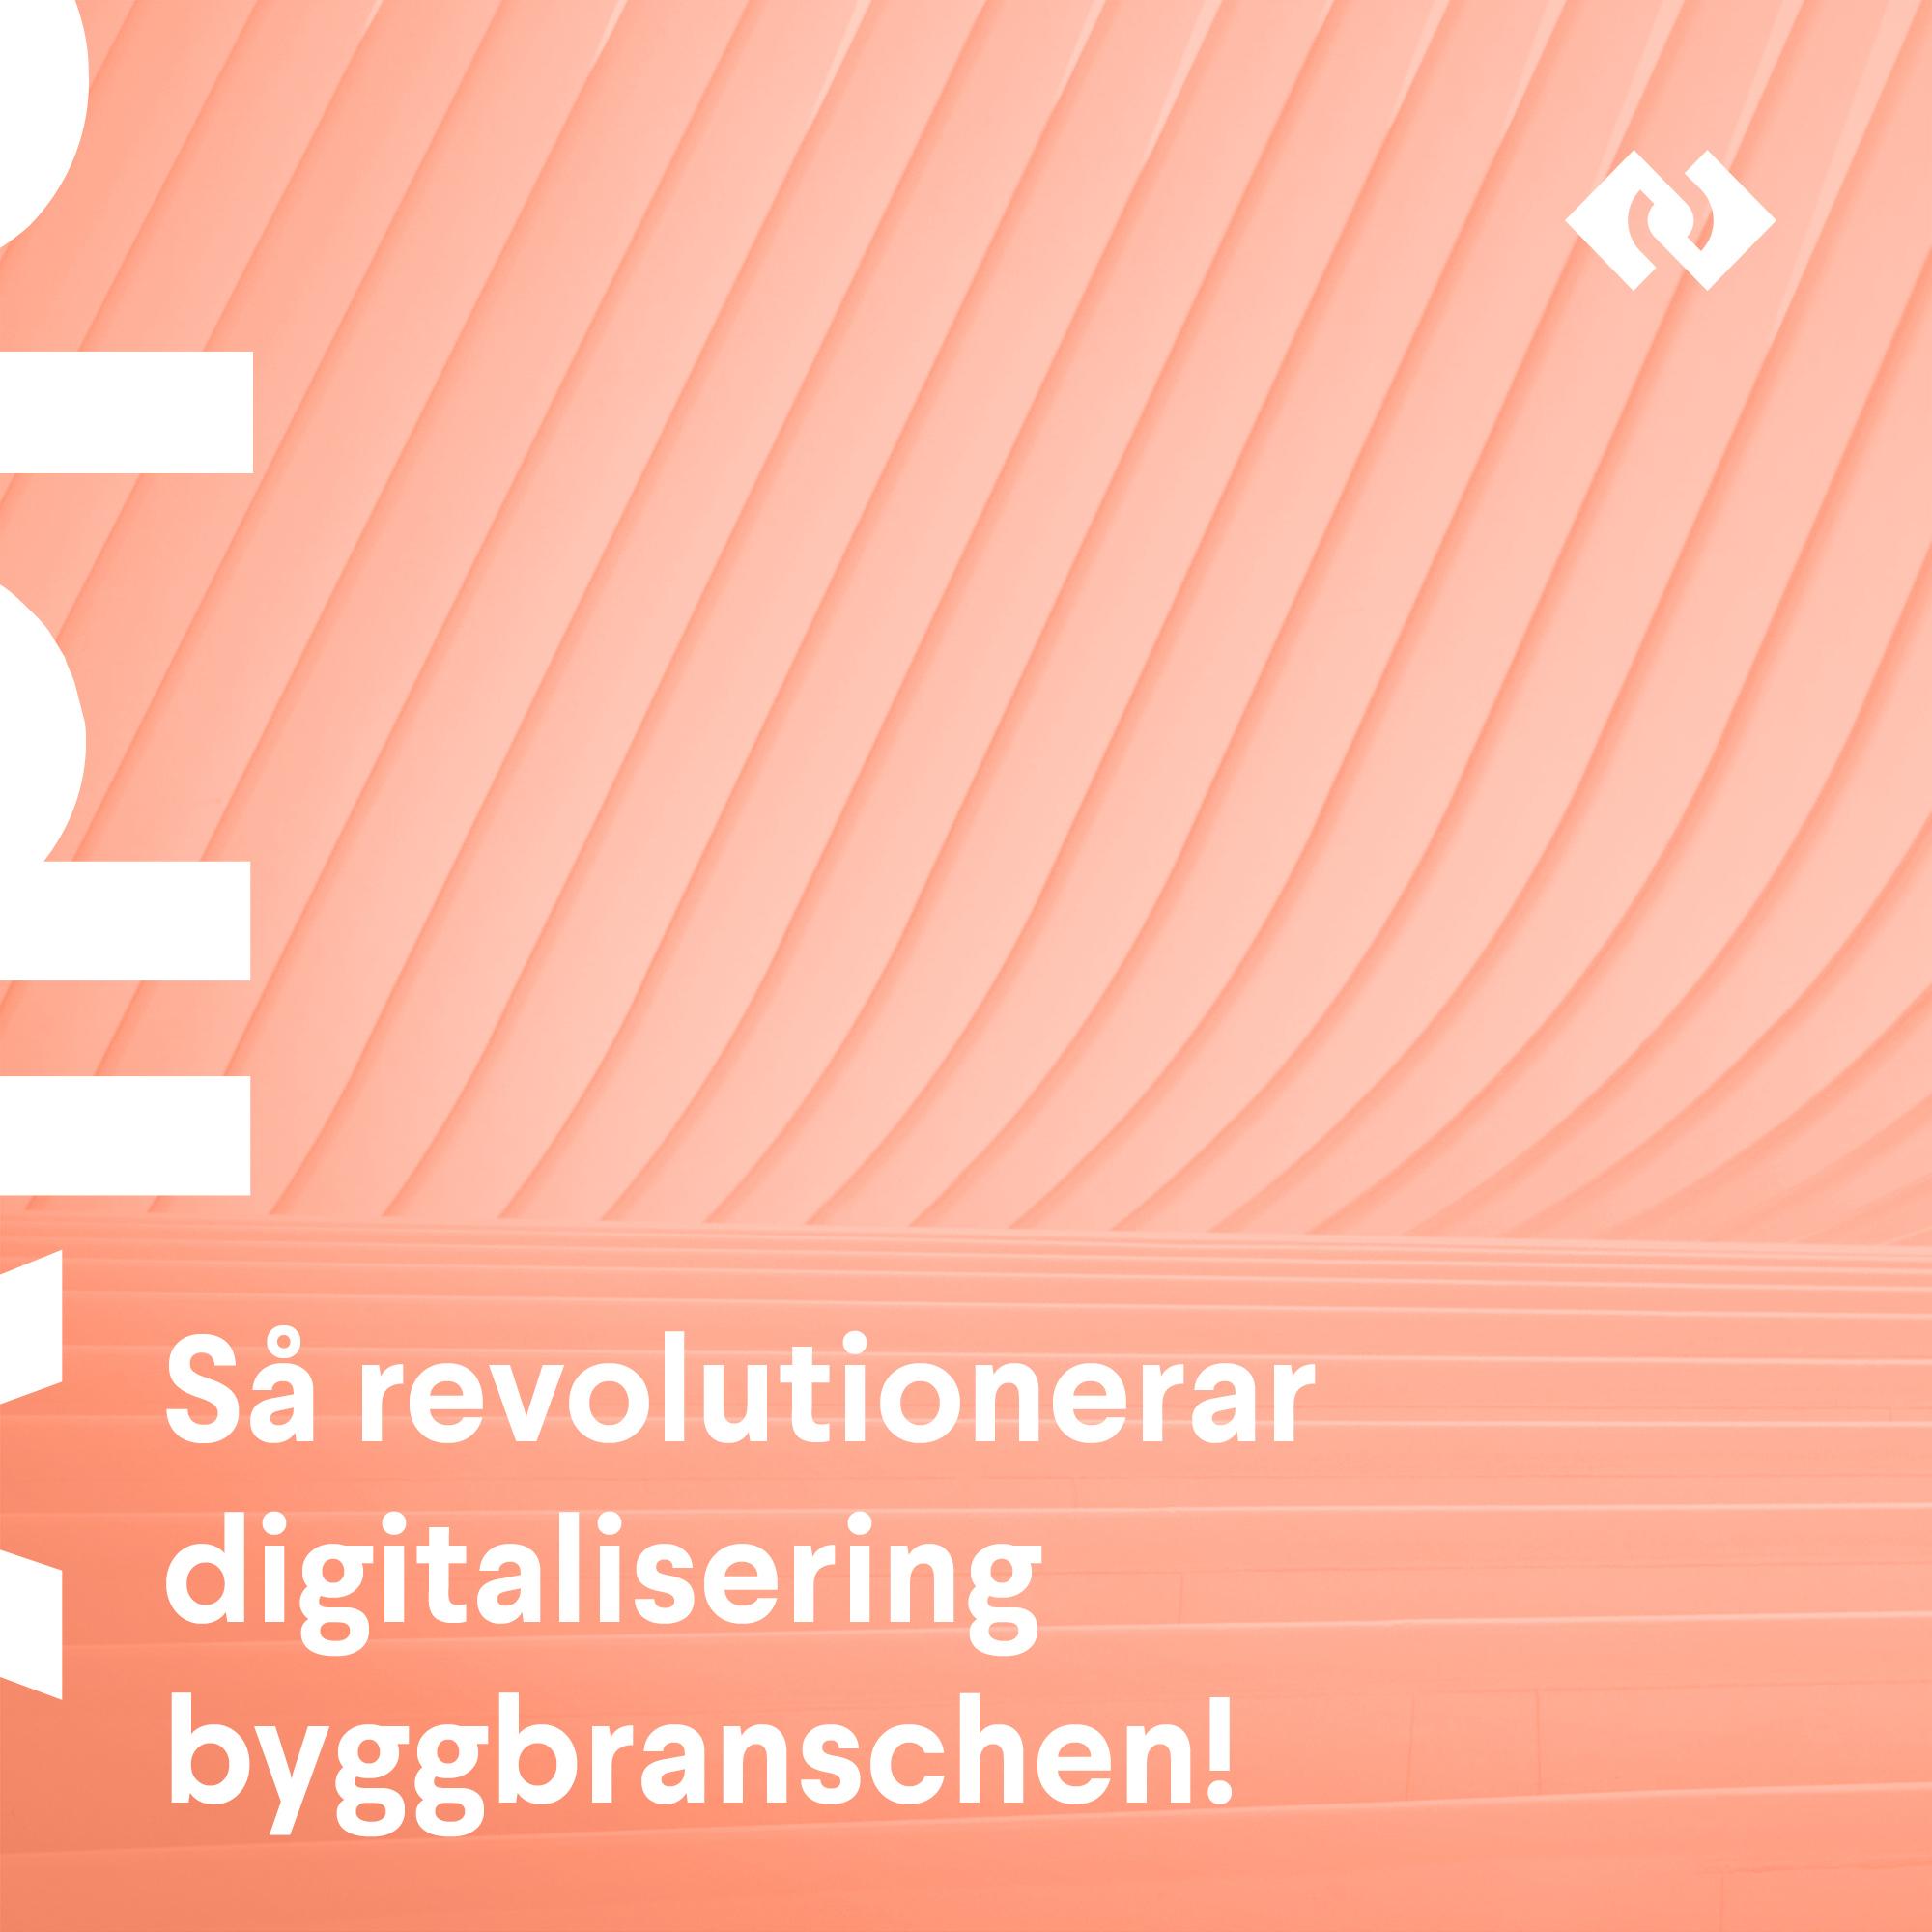 Så revolutionerar digitalisering byggbranschen!